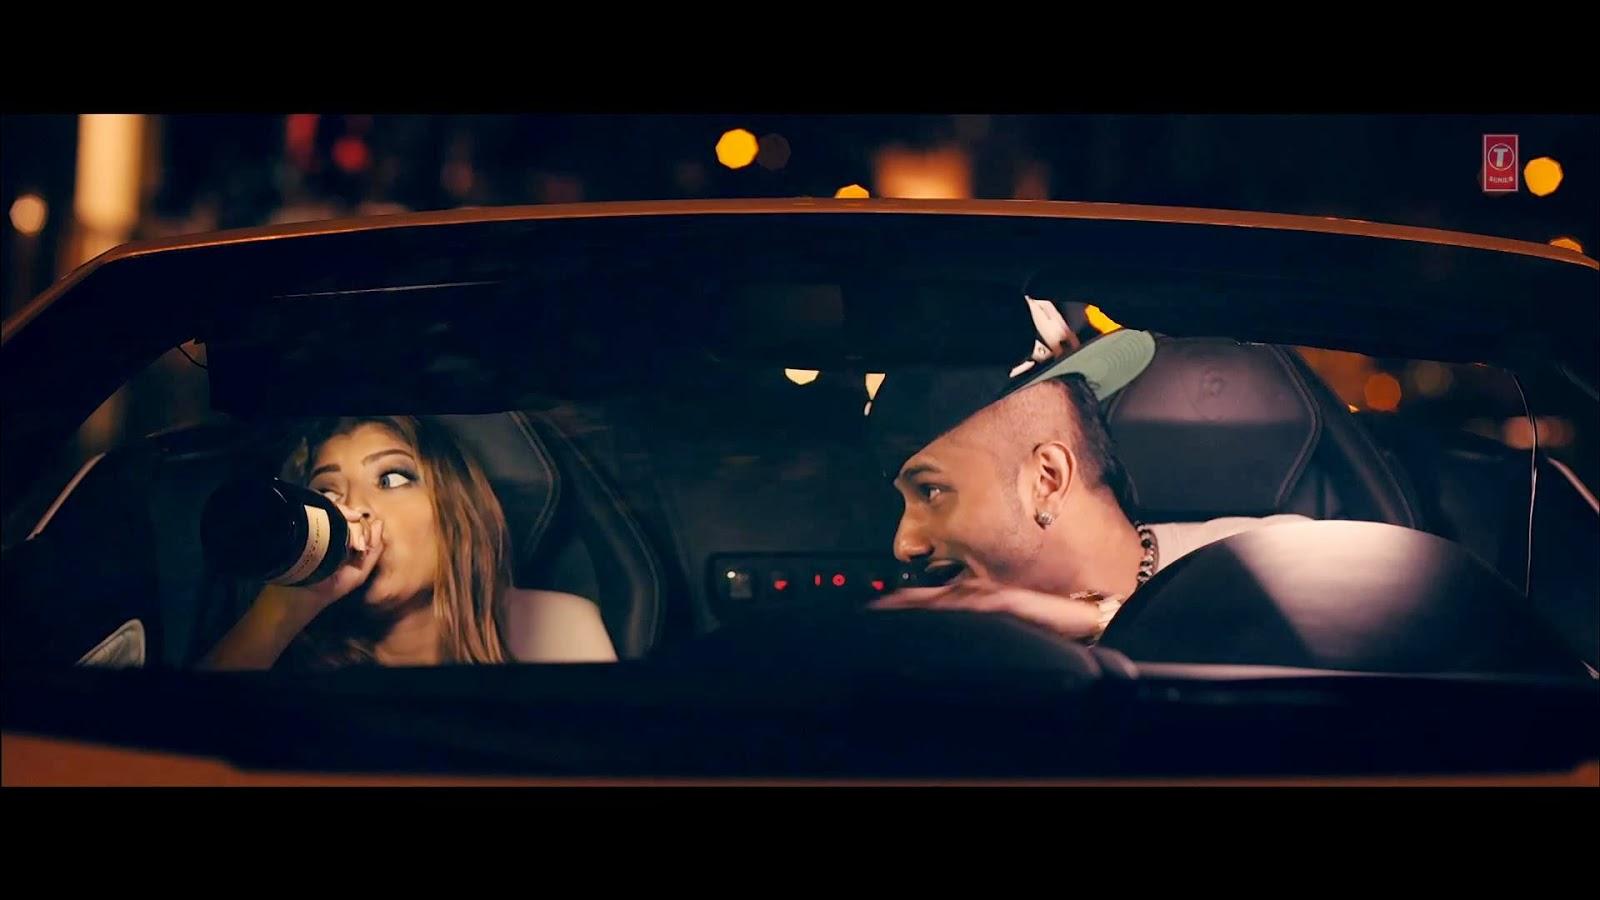 Blue Eyes Yo Yo Honey Singh Mp3 Song Download Songs PK - HD Wallpapers